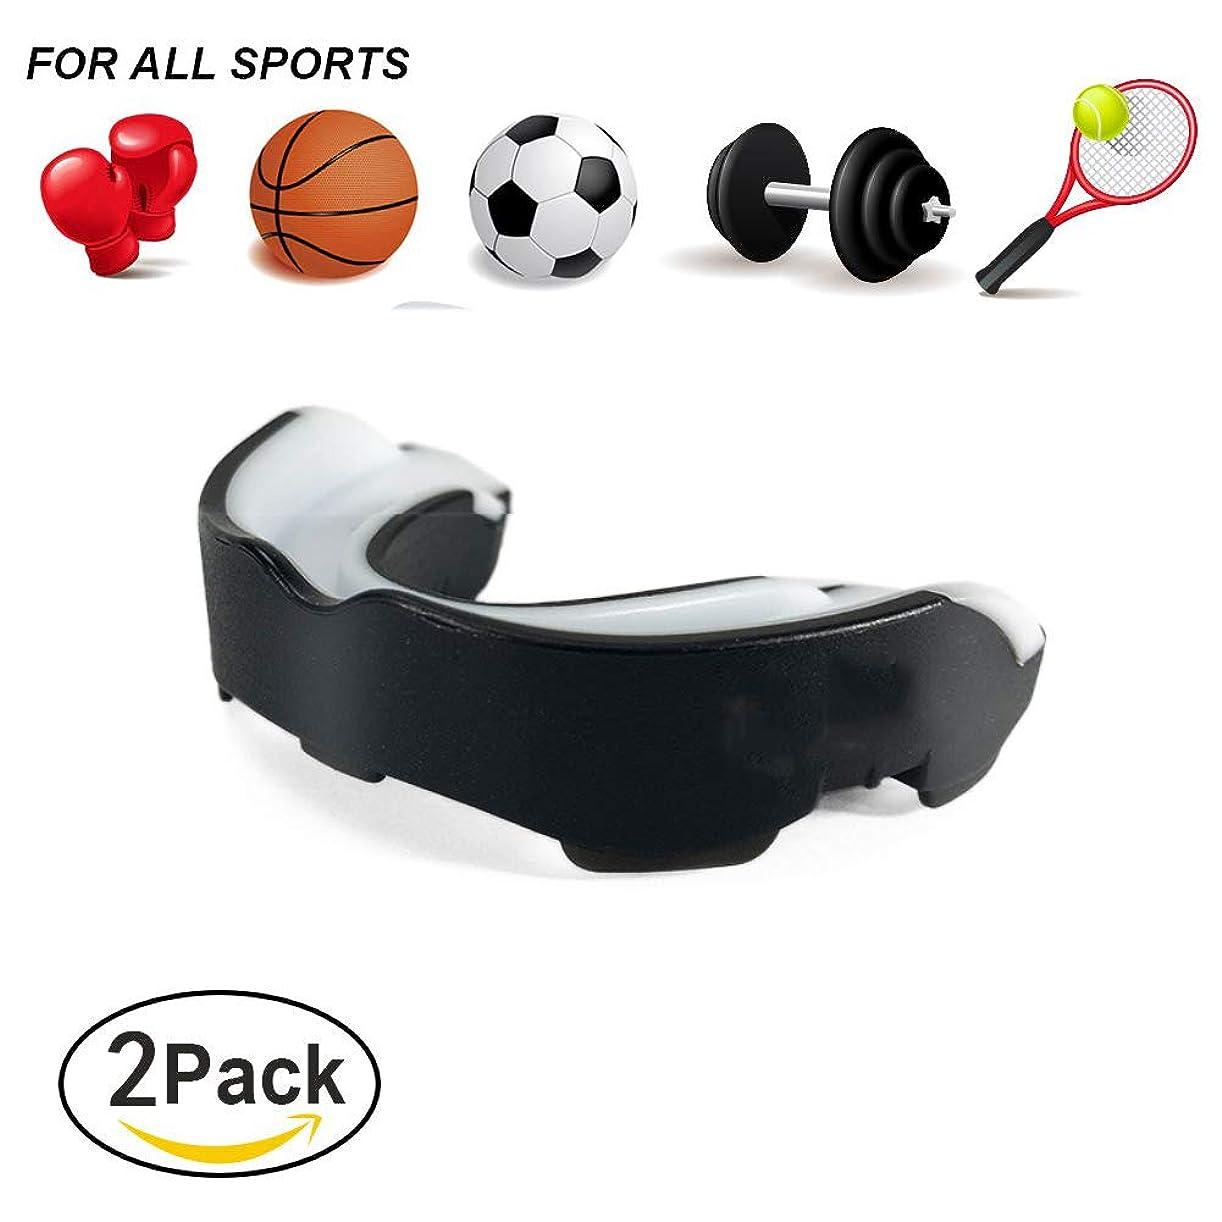 マニアック鋼うめき声スポーツ用マウスピース,大人の青少年のフットボールのバスケットボールのための衝撃吸収性の摩耗のゲルの口頭保護影響のマスク